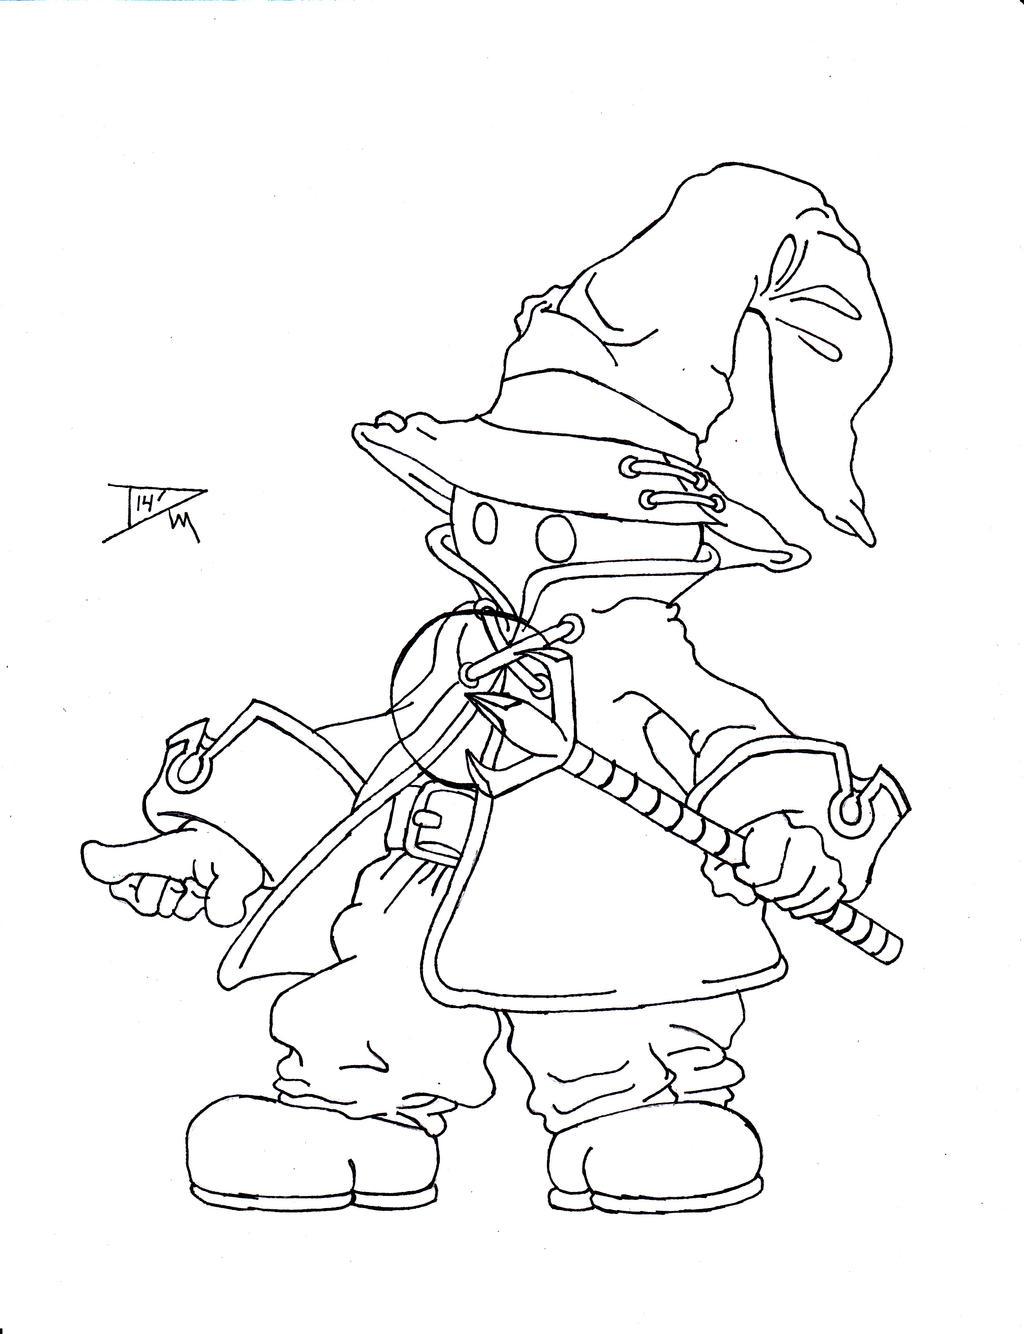 Japanimation RPG Fan Art By RPGFamily On DeviantArt